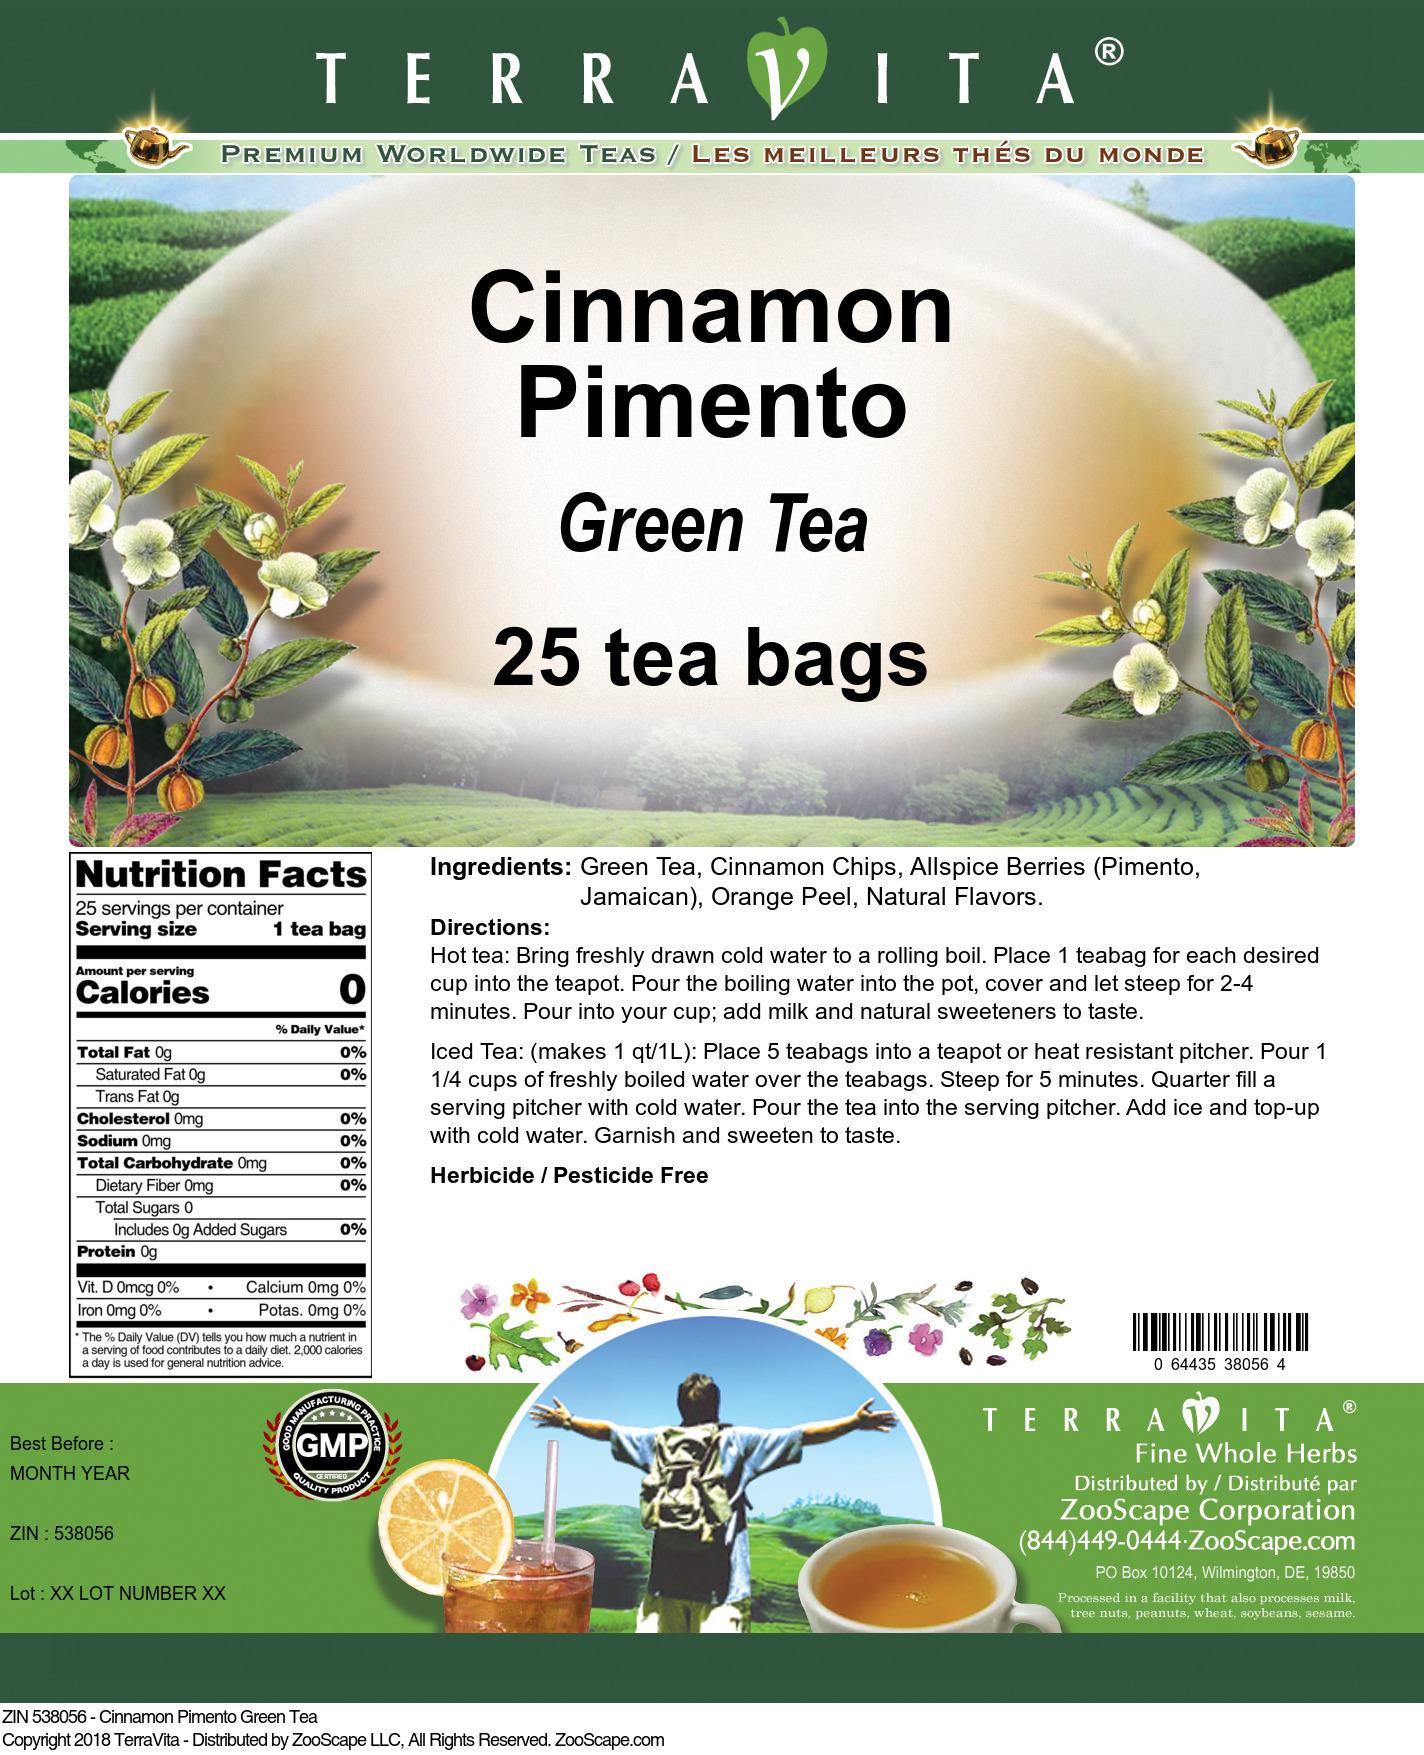 Cinnamon Pimento Green Tea